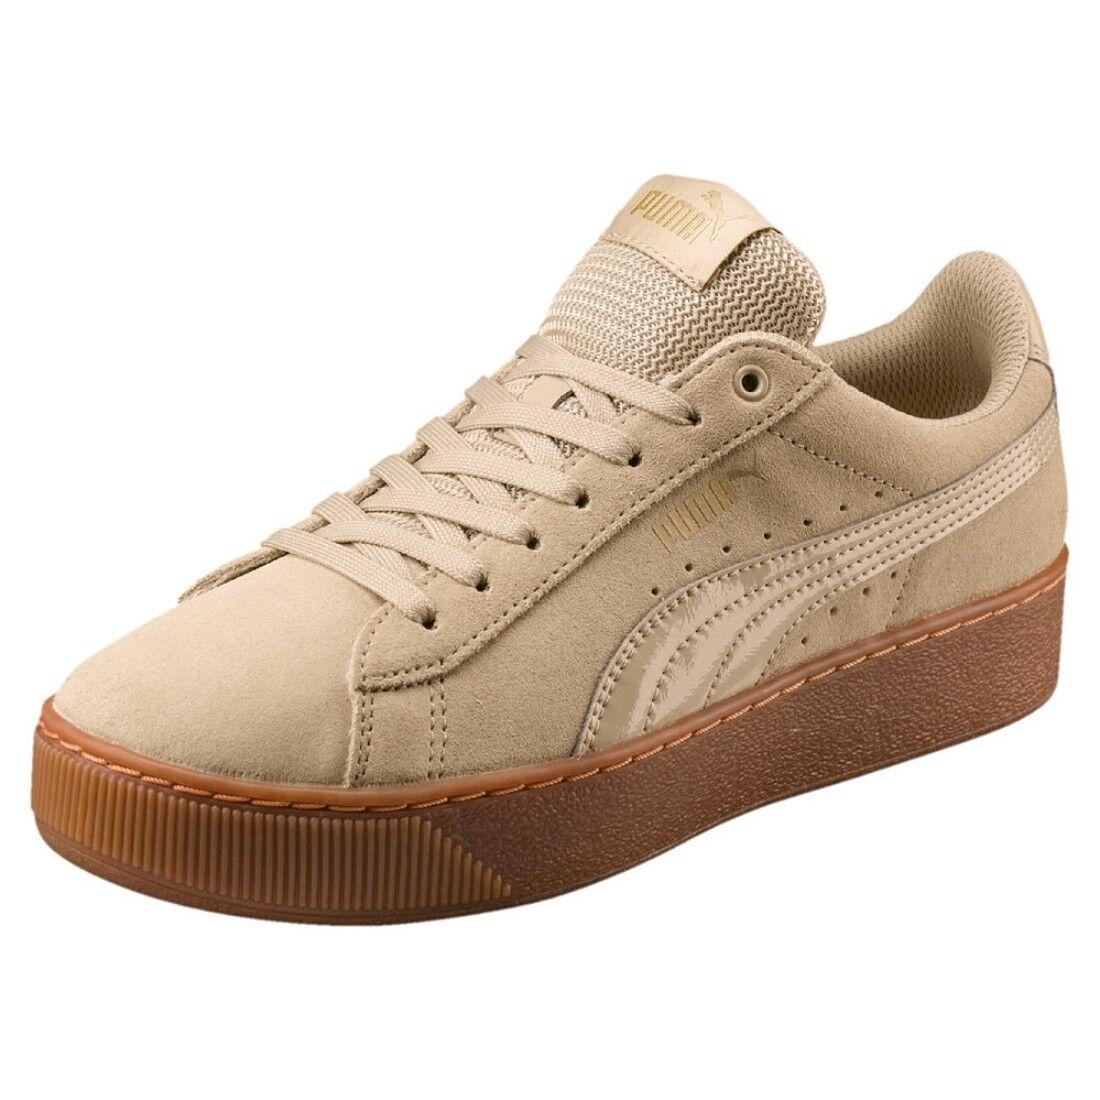 Puma Vikky Platform Damen Sneaker Schuhe 363287 Pebble UK 4.5 37.5 - EUR 37.5 4.5 8e60c3